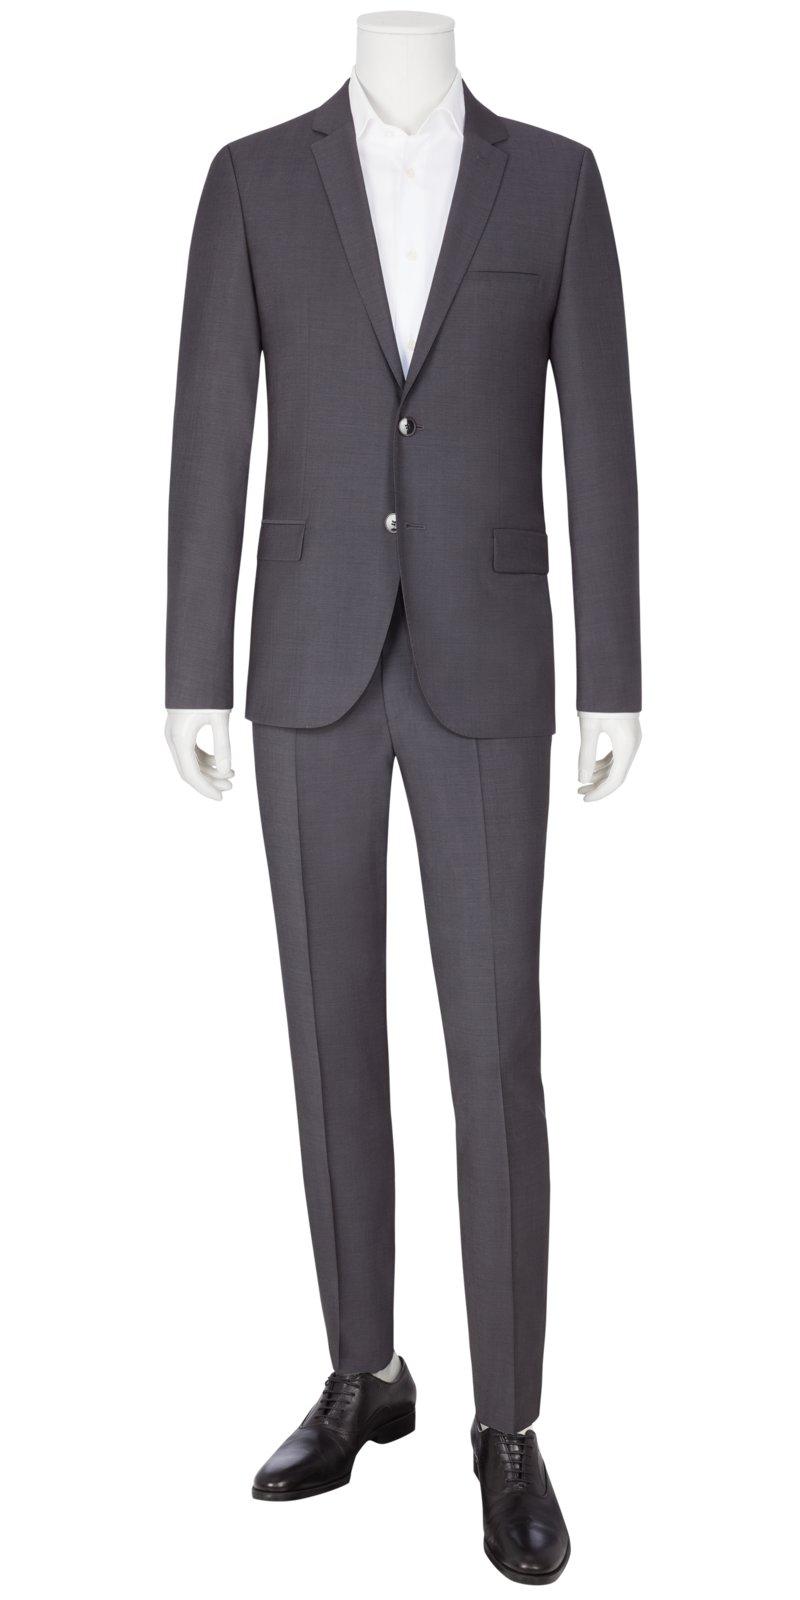 60% Rabatt Super süße am besten verkaufen Baukasten-Anzug im Gitterkaro, mit passender Weste, Huge/Genius, Slim Fit